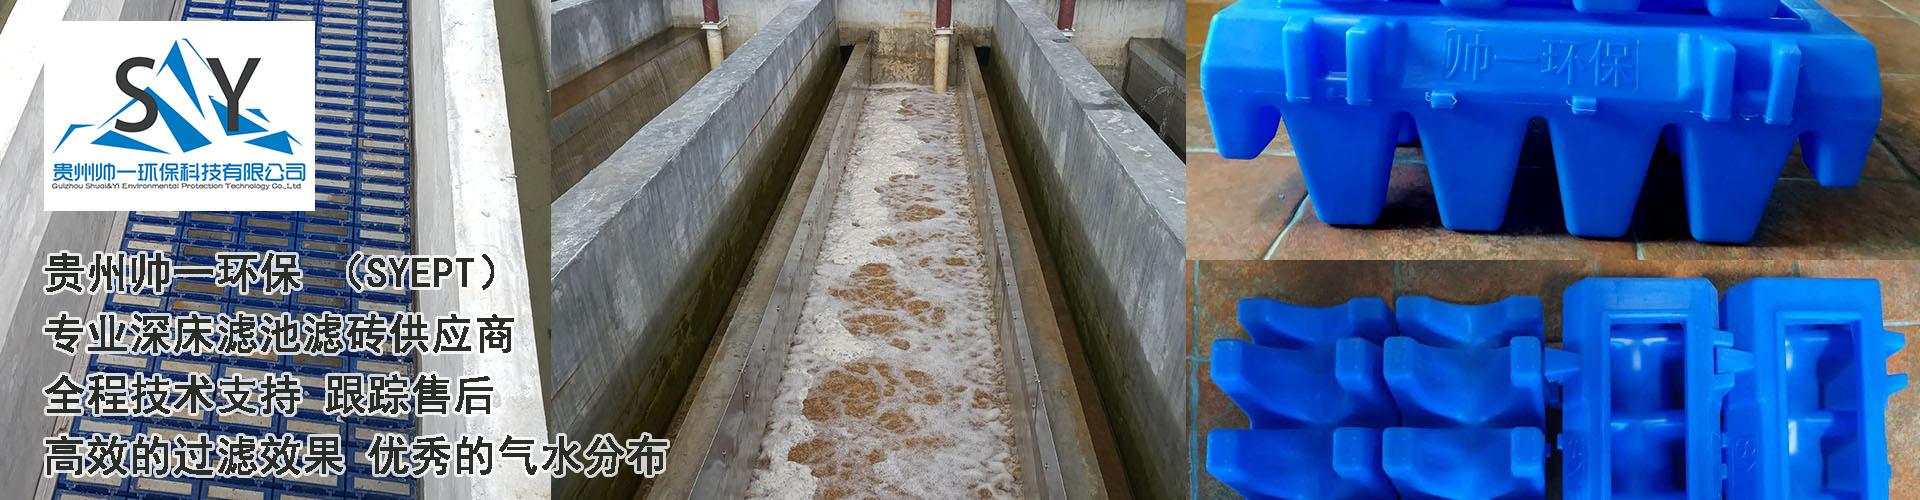 反硝化深床滤池-滤砖